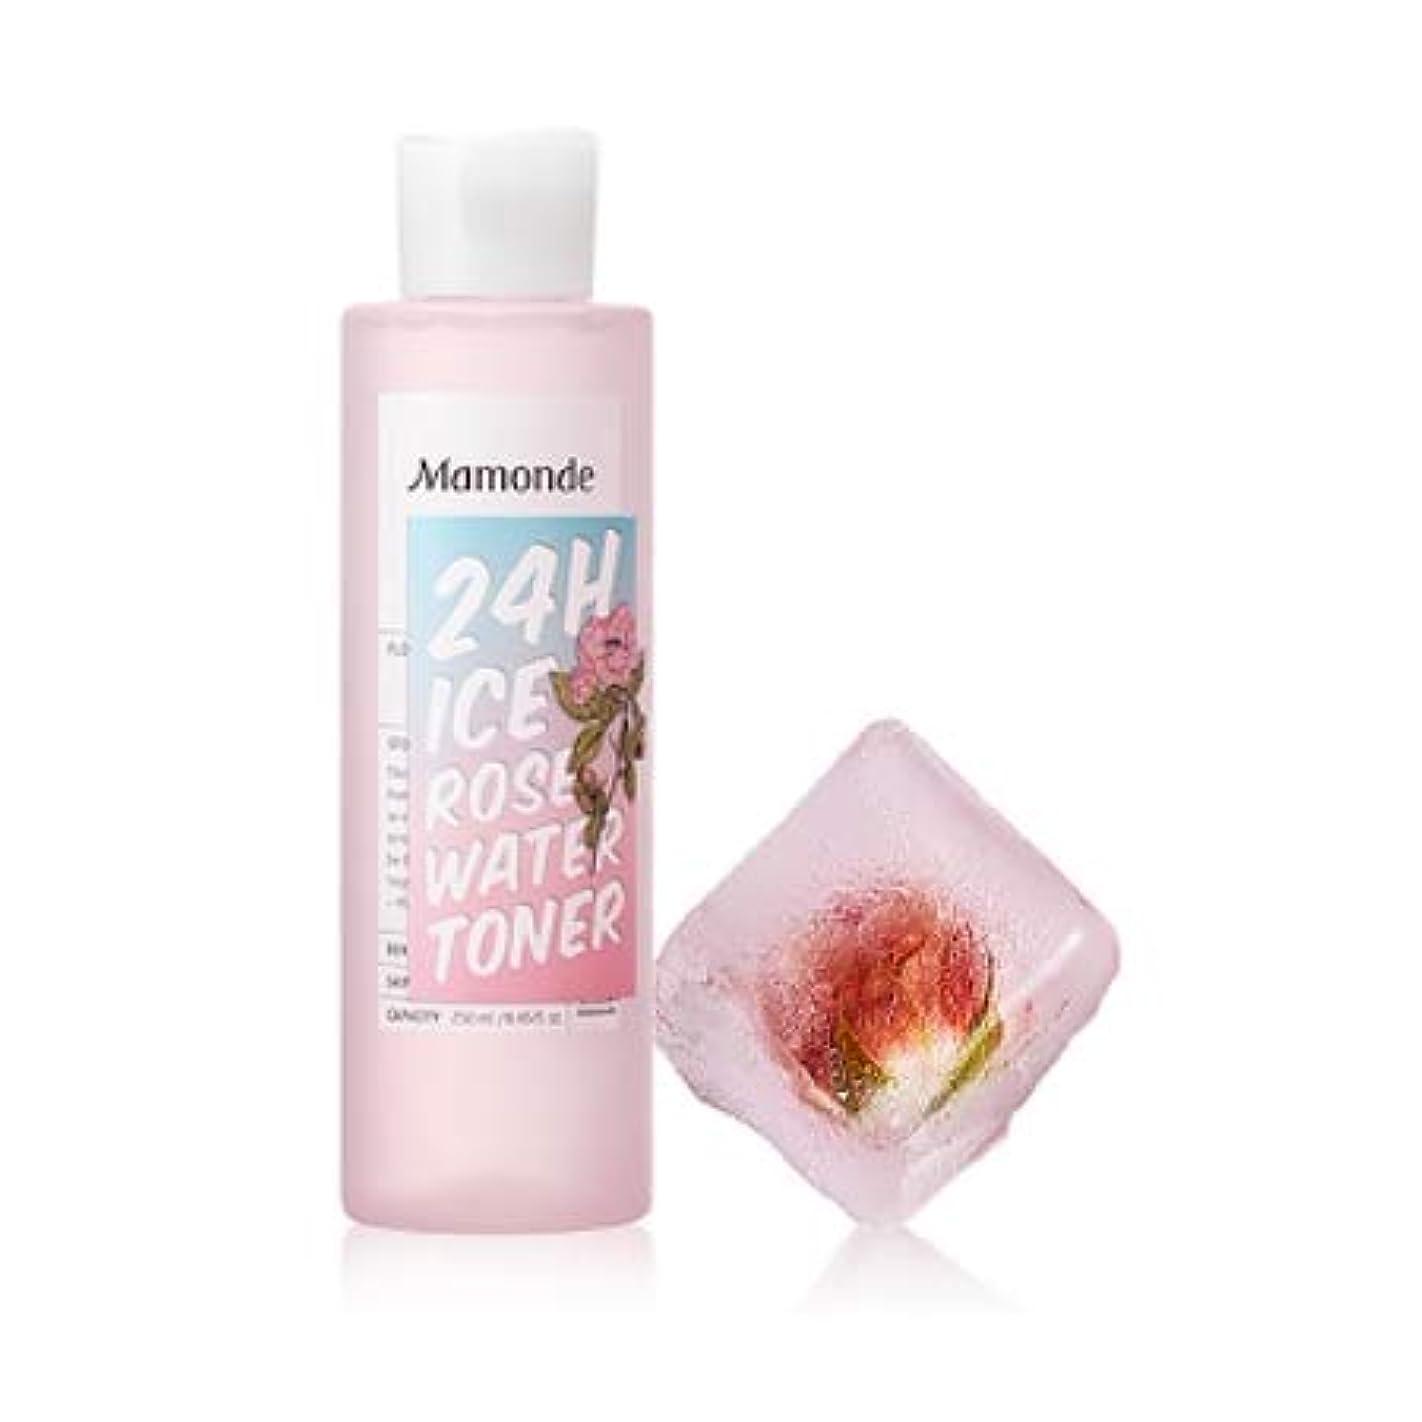 振幅うぬぼれた社員【マモンド.mamonde](公式)24Hアイスローズウォータートナー(250ml)(2019.05 new product)/ ice rose water toner